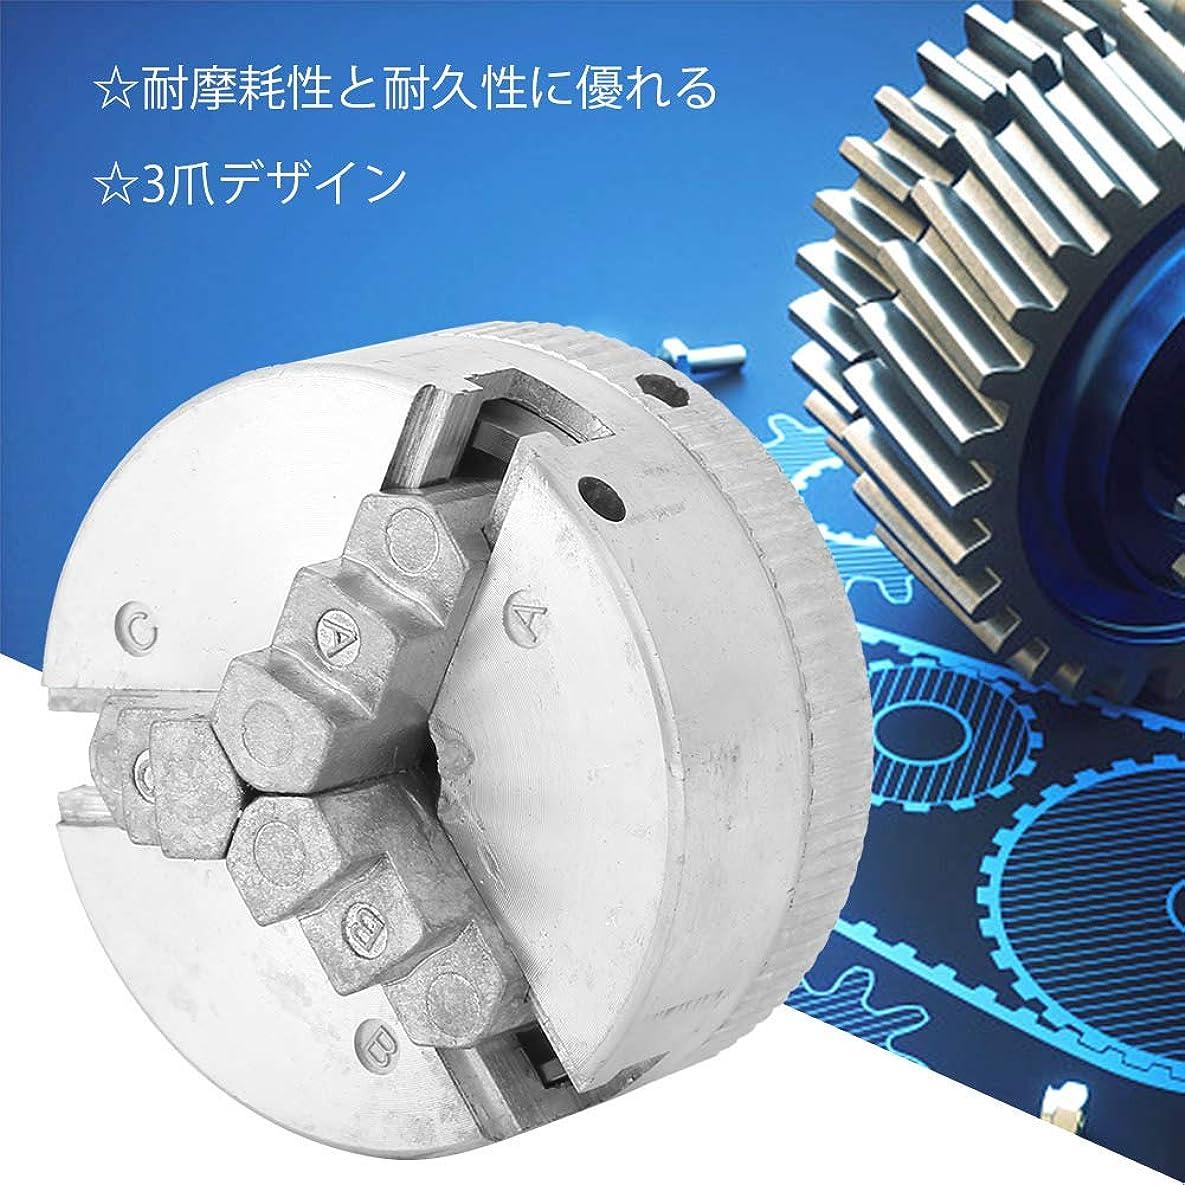 金属キロメートル不合格Acogedor 旋盤チャックセット、手動の旋盤チャック、3爪デザイン、耐摩耗性と耐久性に優れる、高強度、高硬度、木工旋盤に広く使用できる